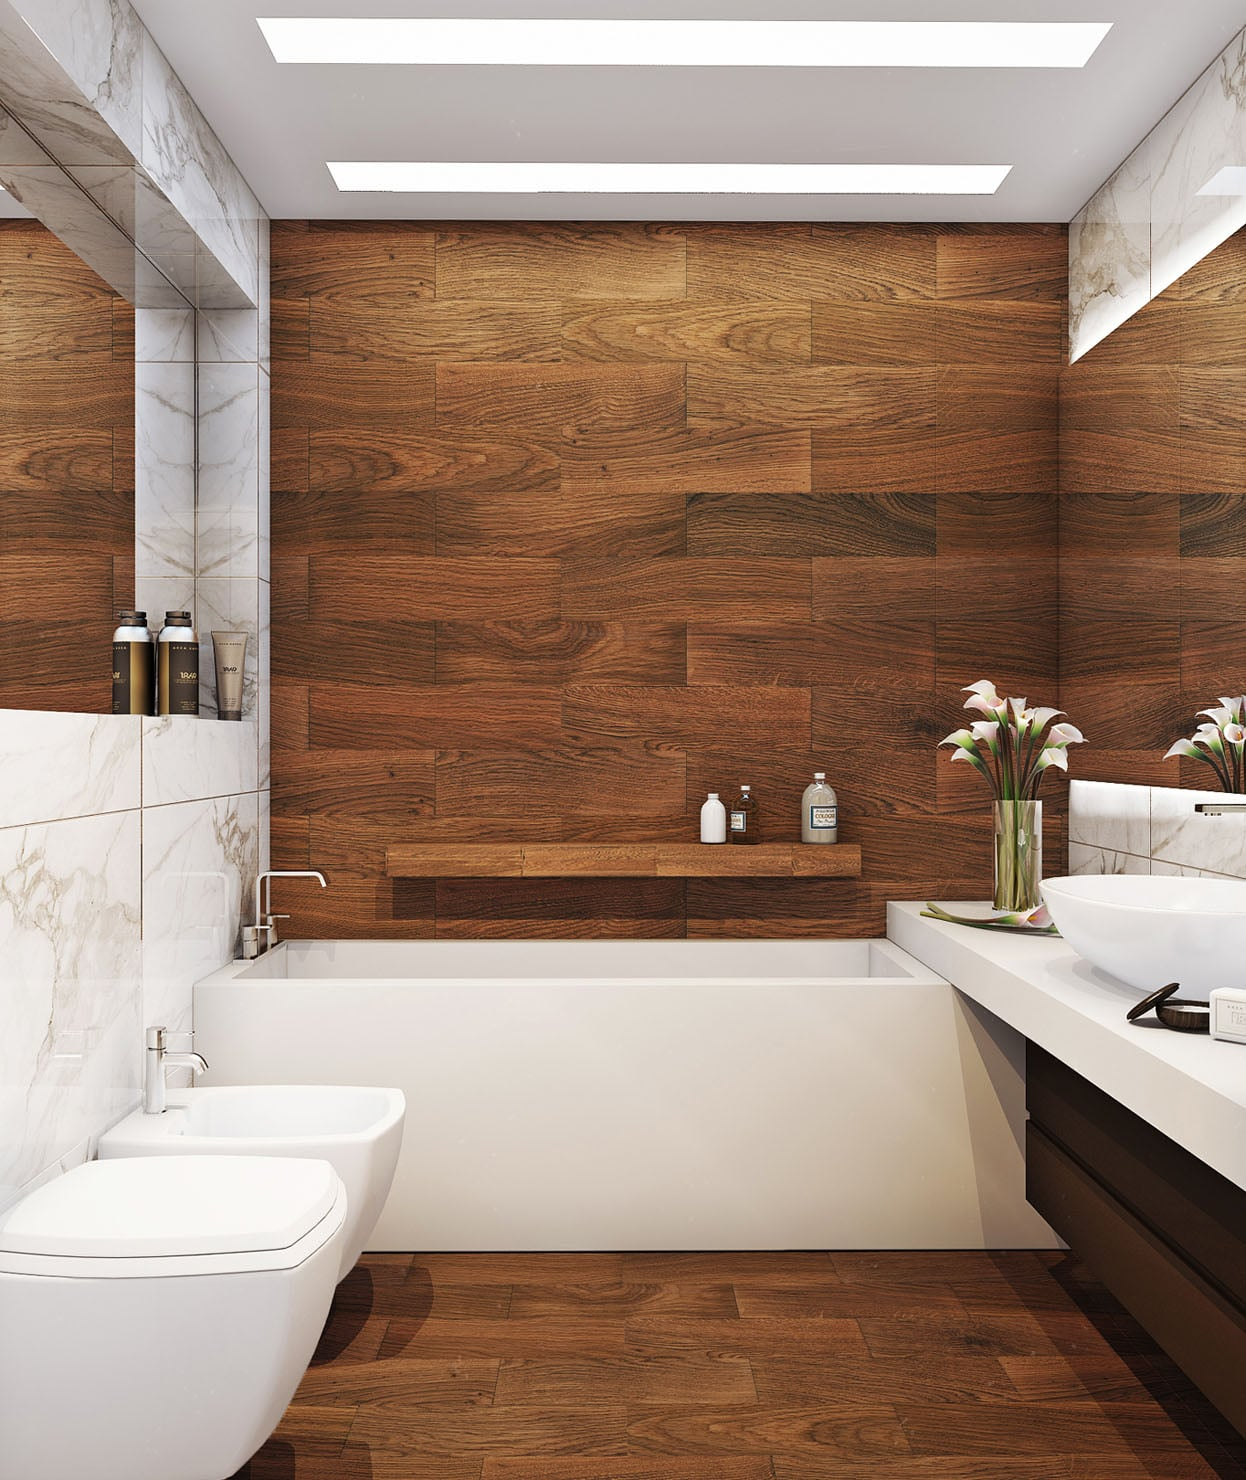 decoracao-de-banheiro-revestimento-de-madeira